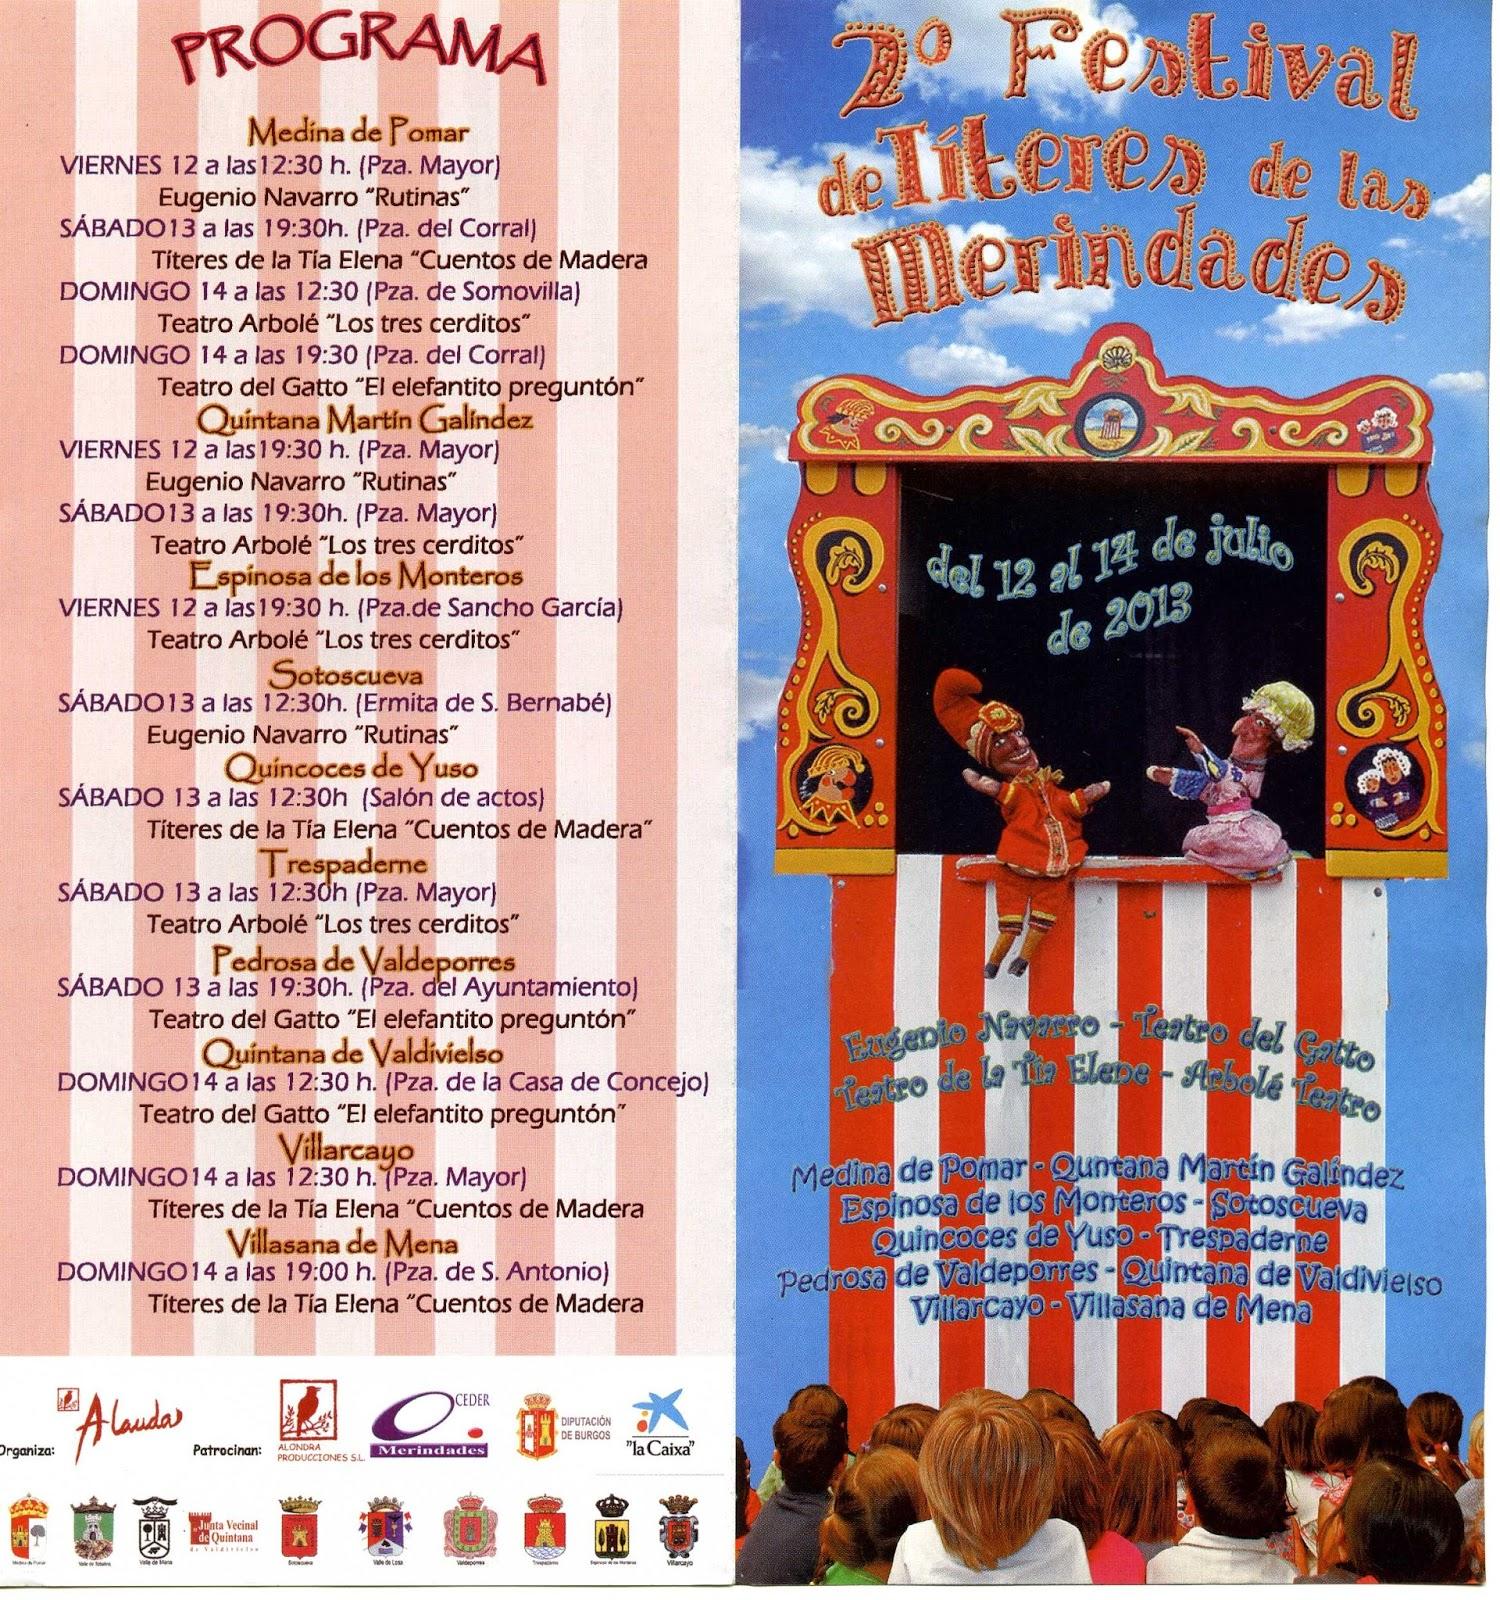 Programa del Festival de Títeres de las Merindades 2013